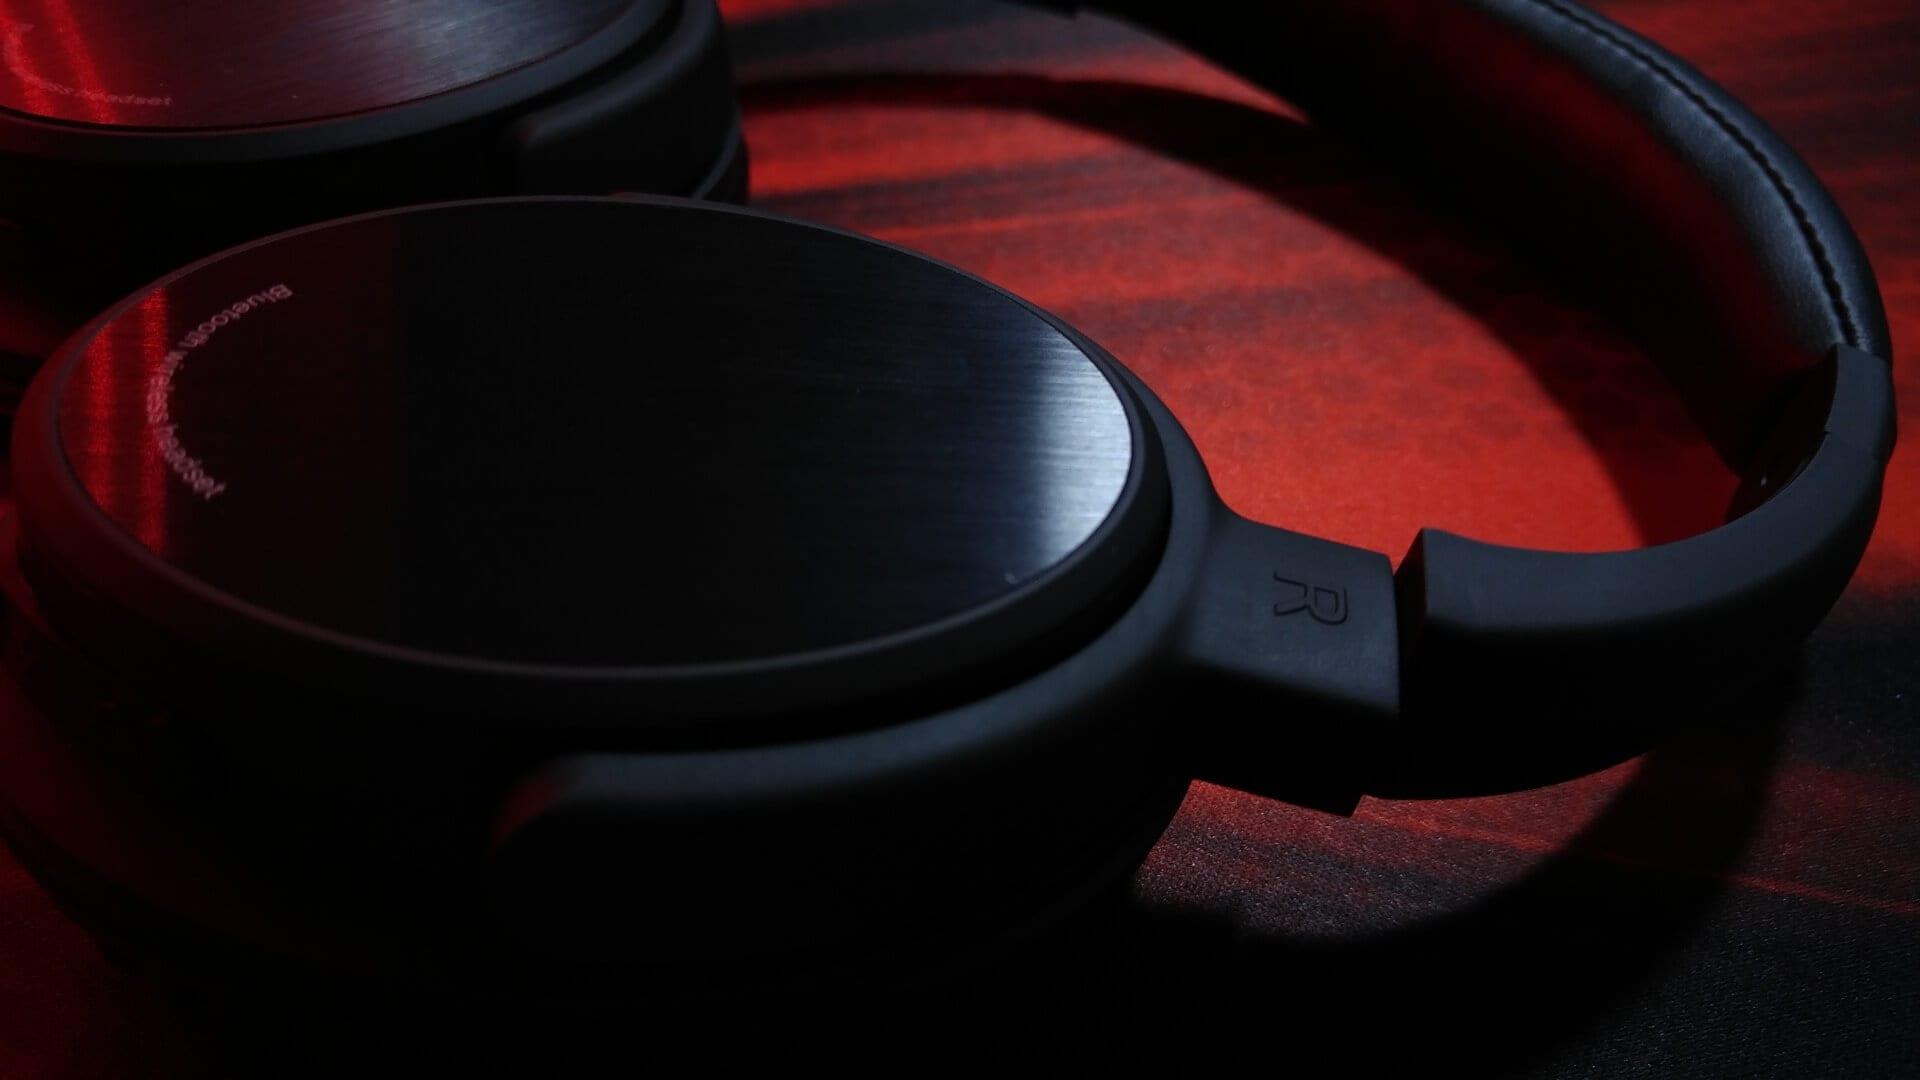 Best Wireless Headphones For Tv Review Wireless Headphones Guru